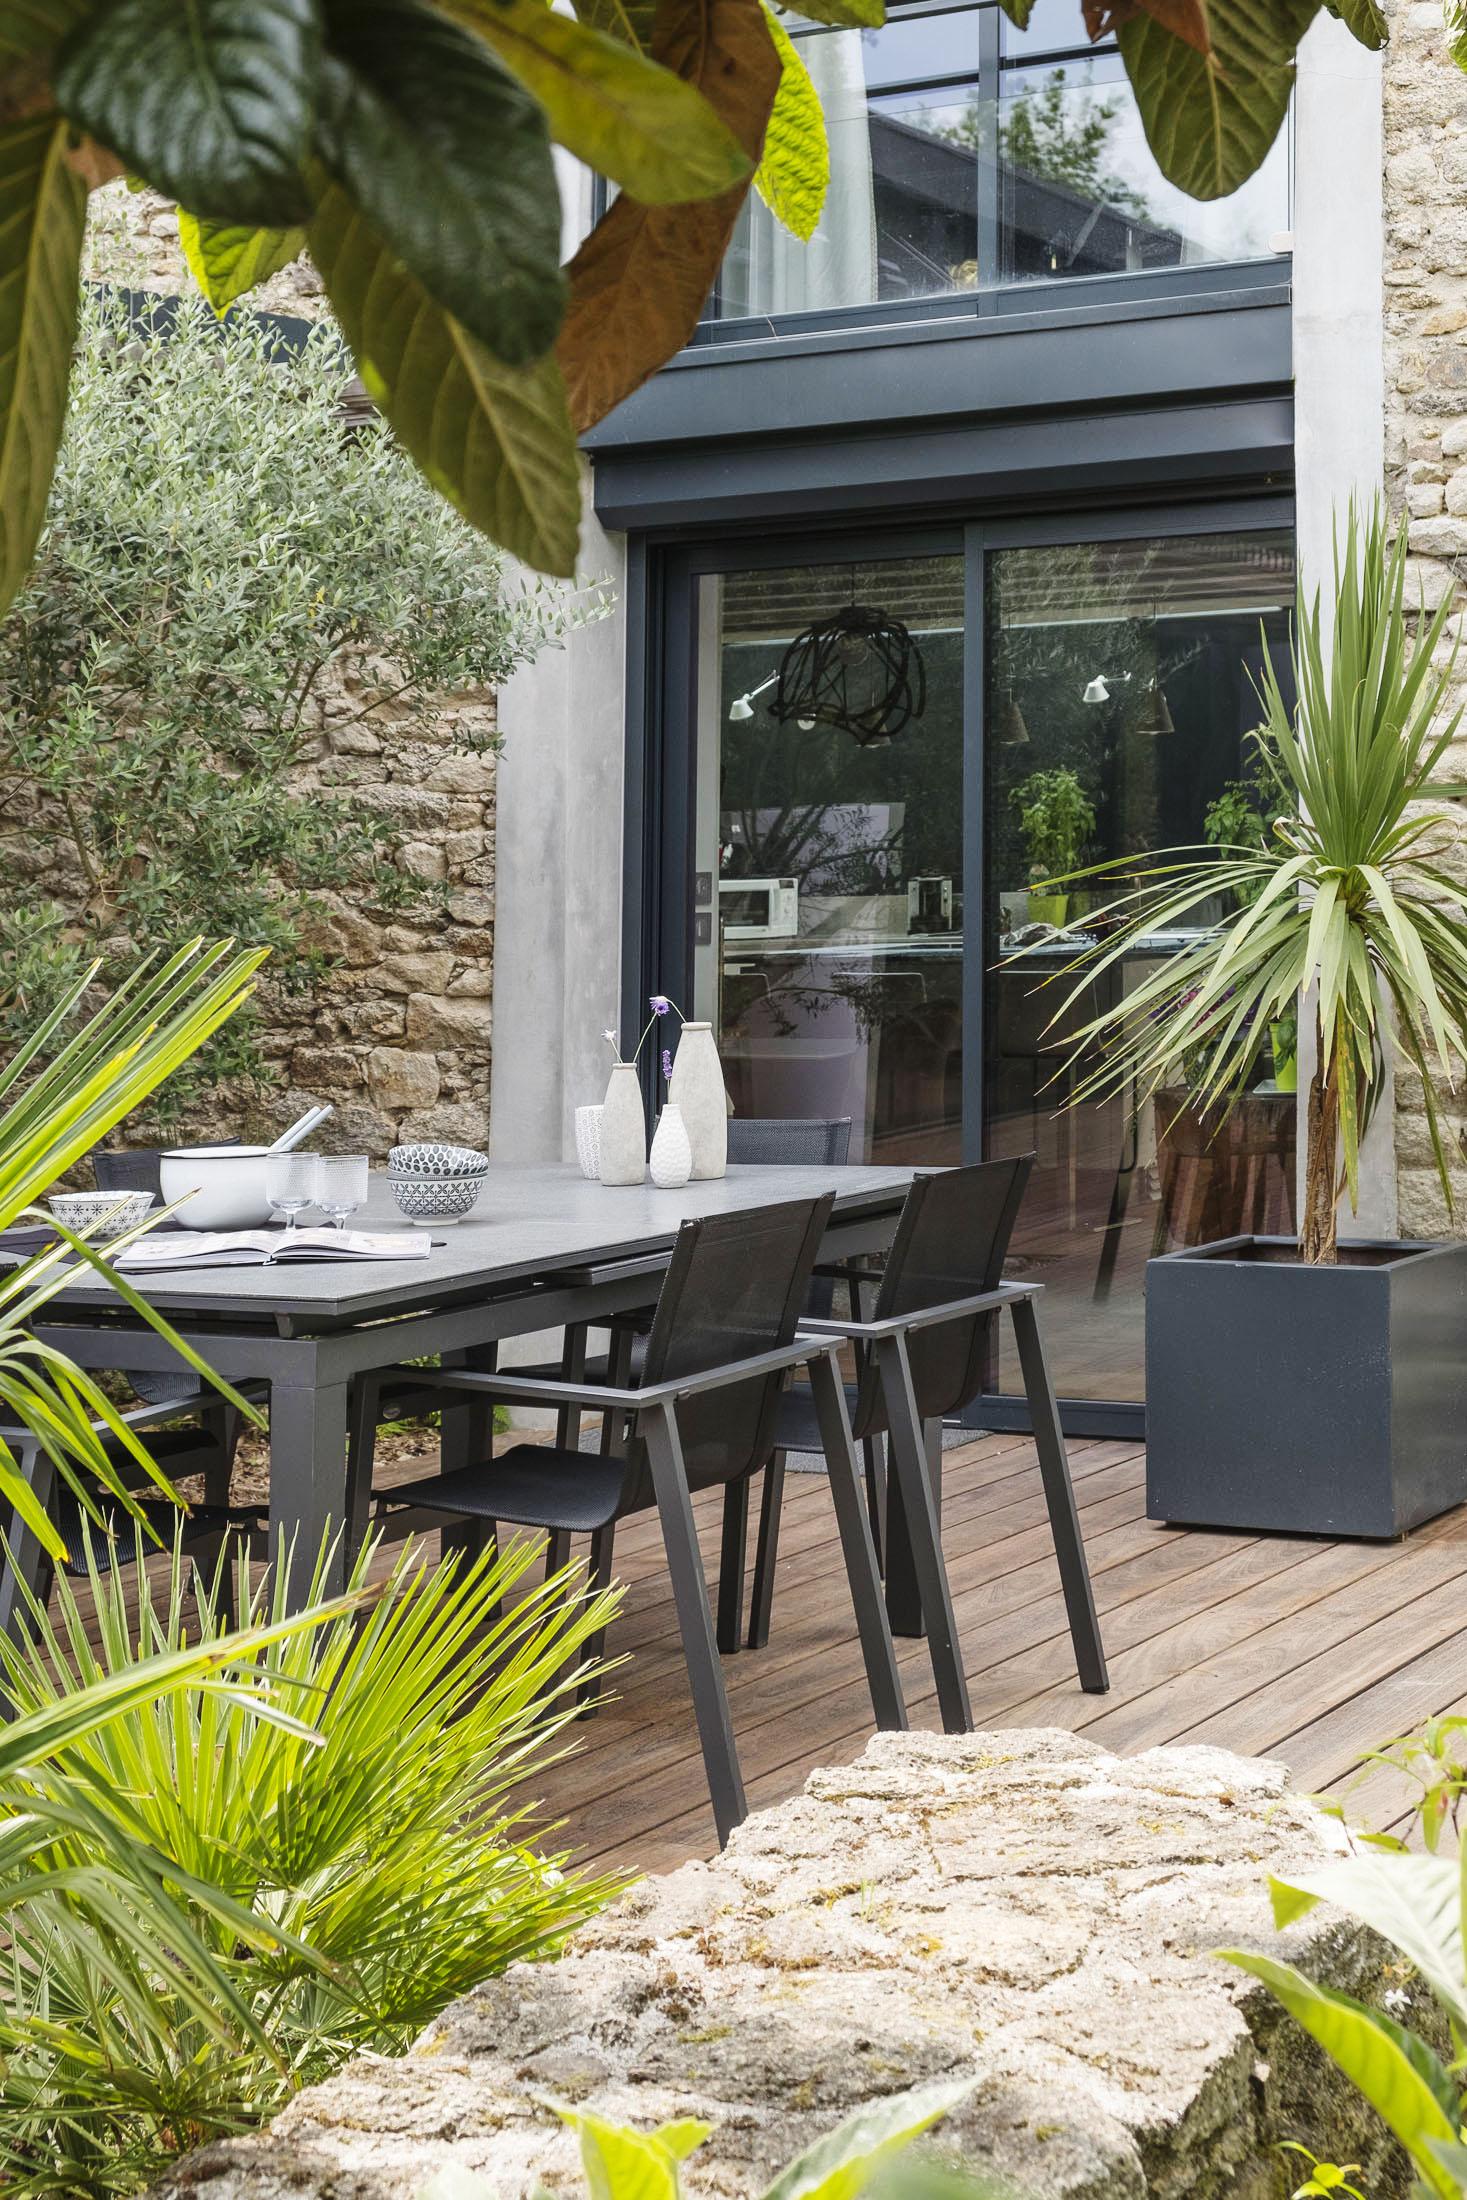 Ambiance extérieur d'une salle à manger dans un jardin devant la maison